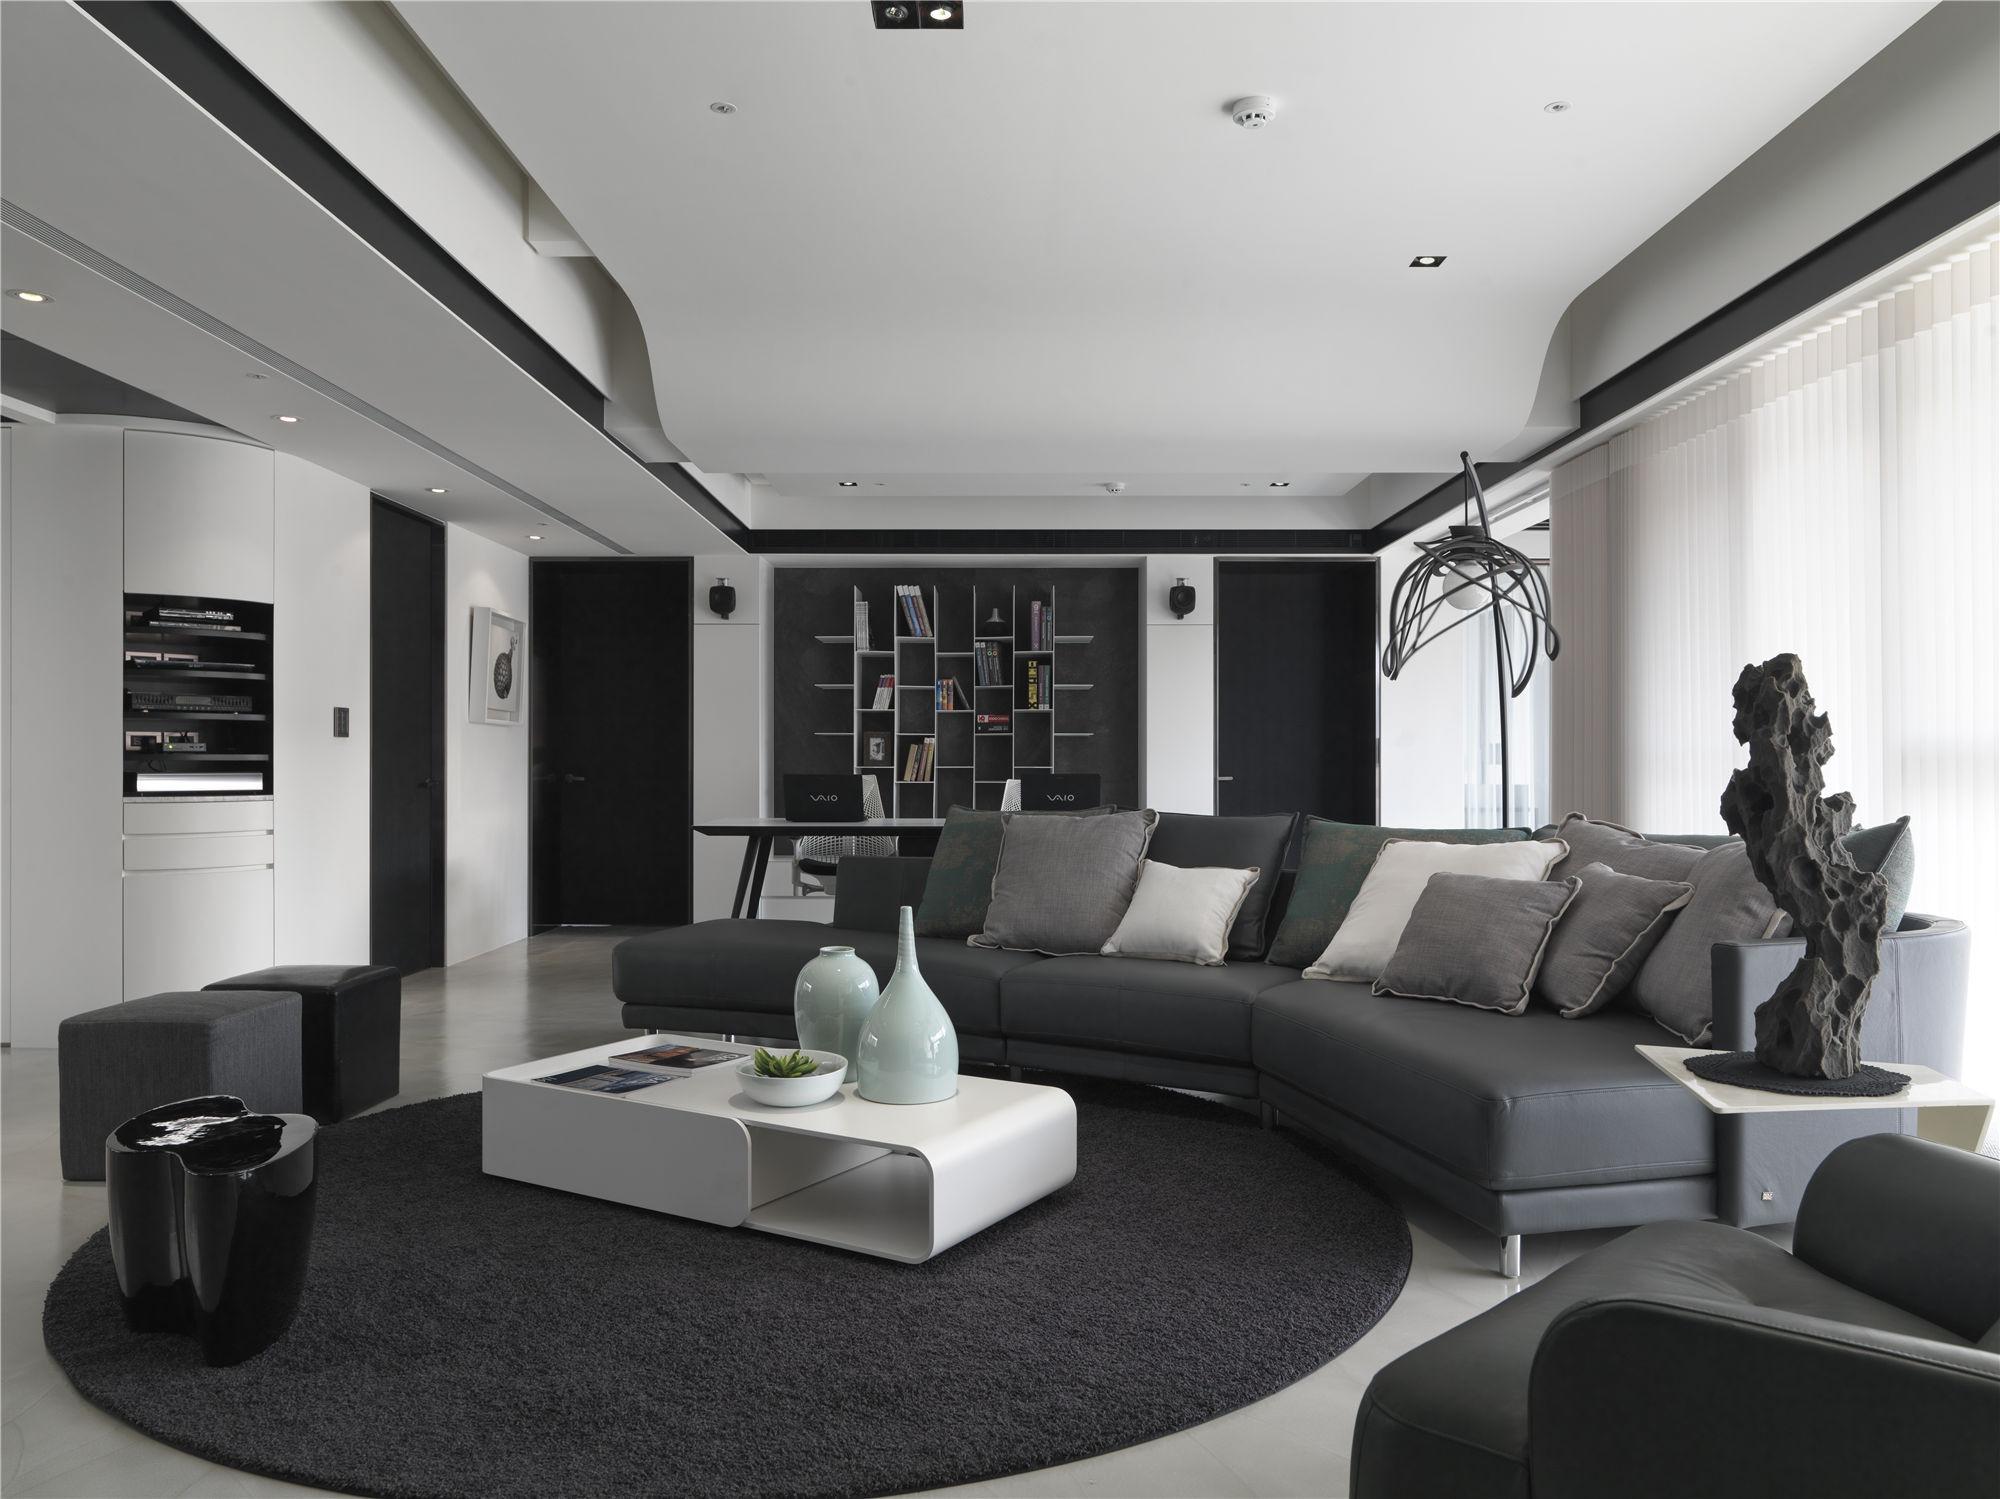 黑白灰现代简约空间装修客厅设计图